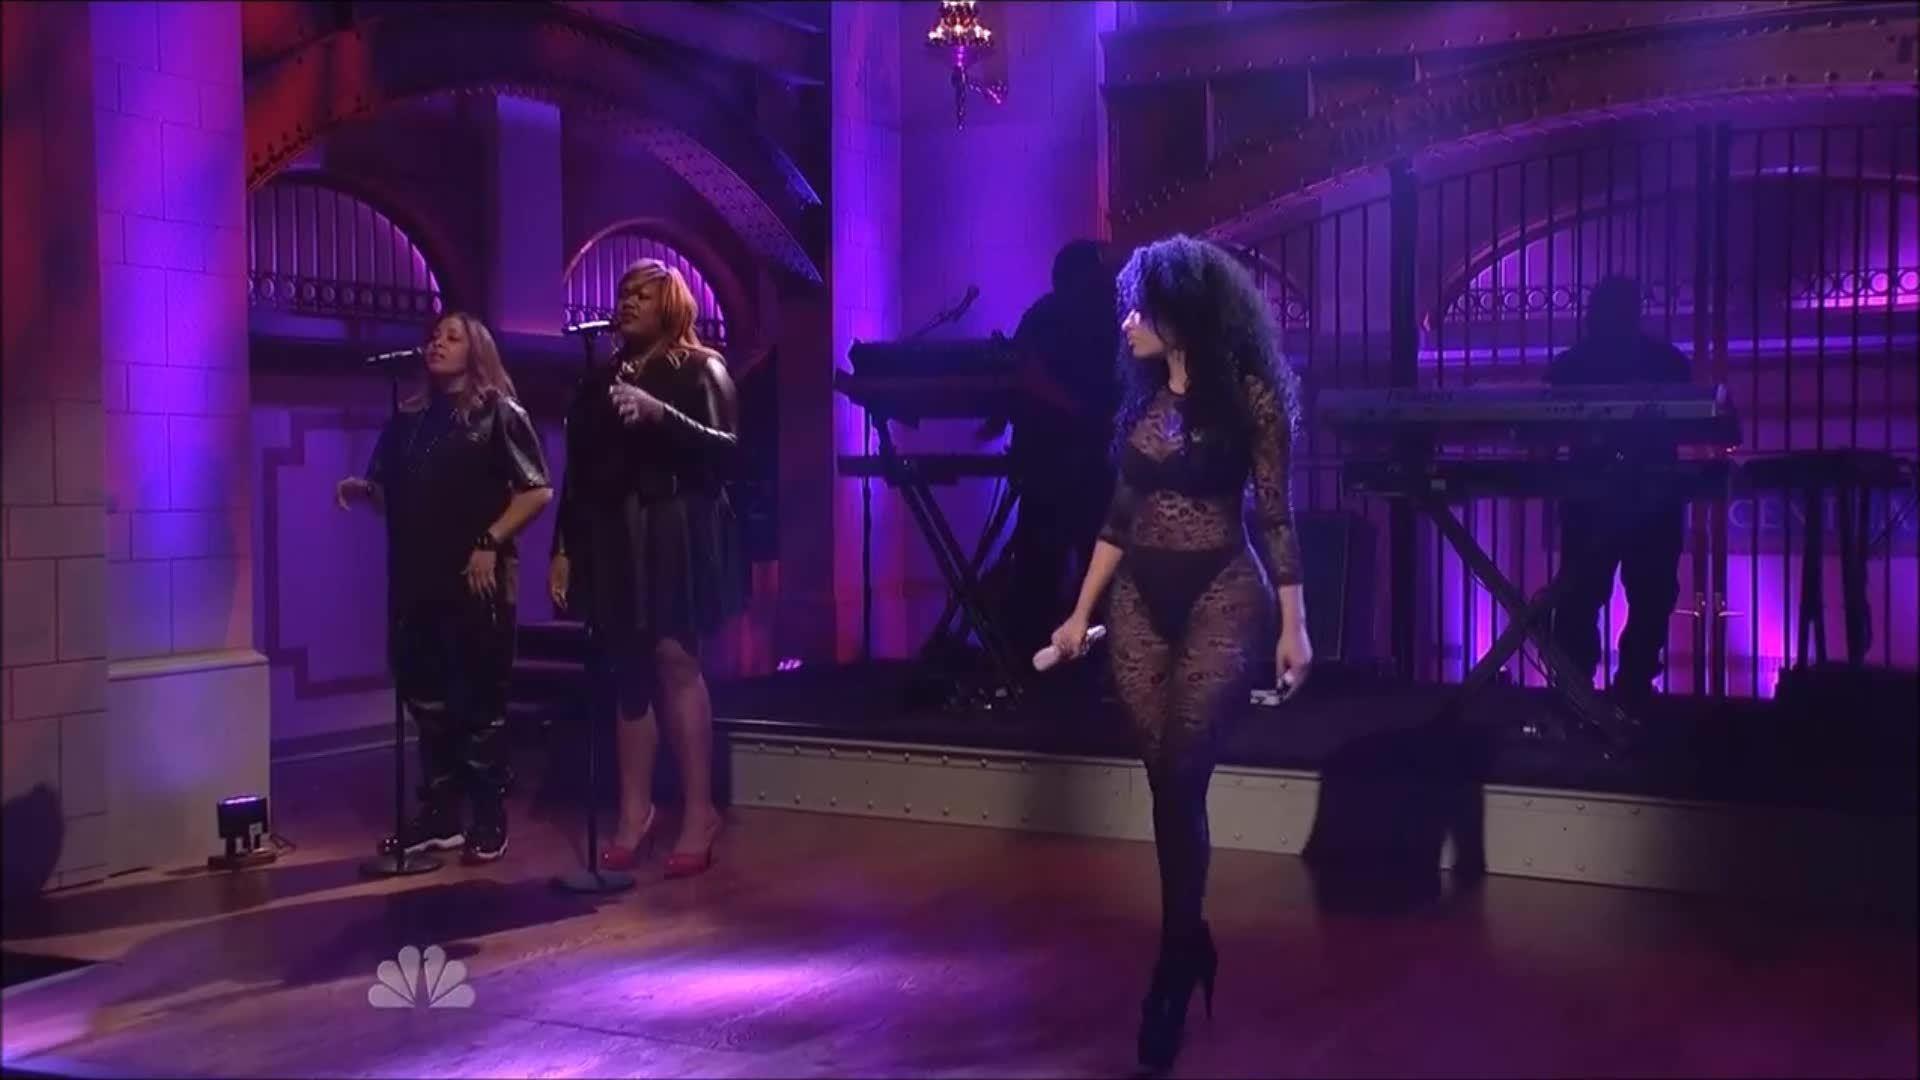 Nicki_Minaj, onstagegw, Nicki Minaj performing (68 videos in comments) (reddit) GIFs